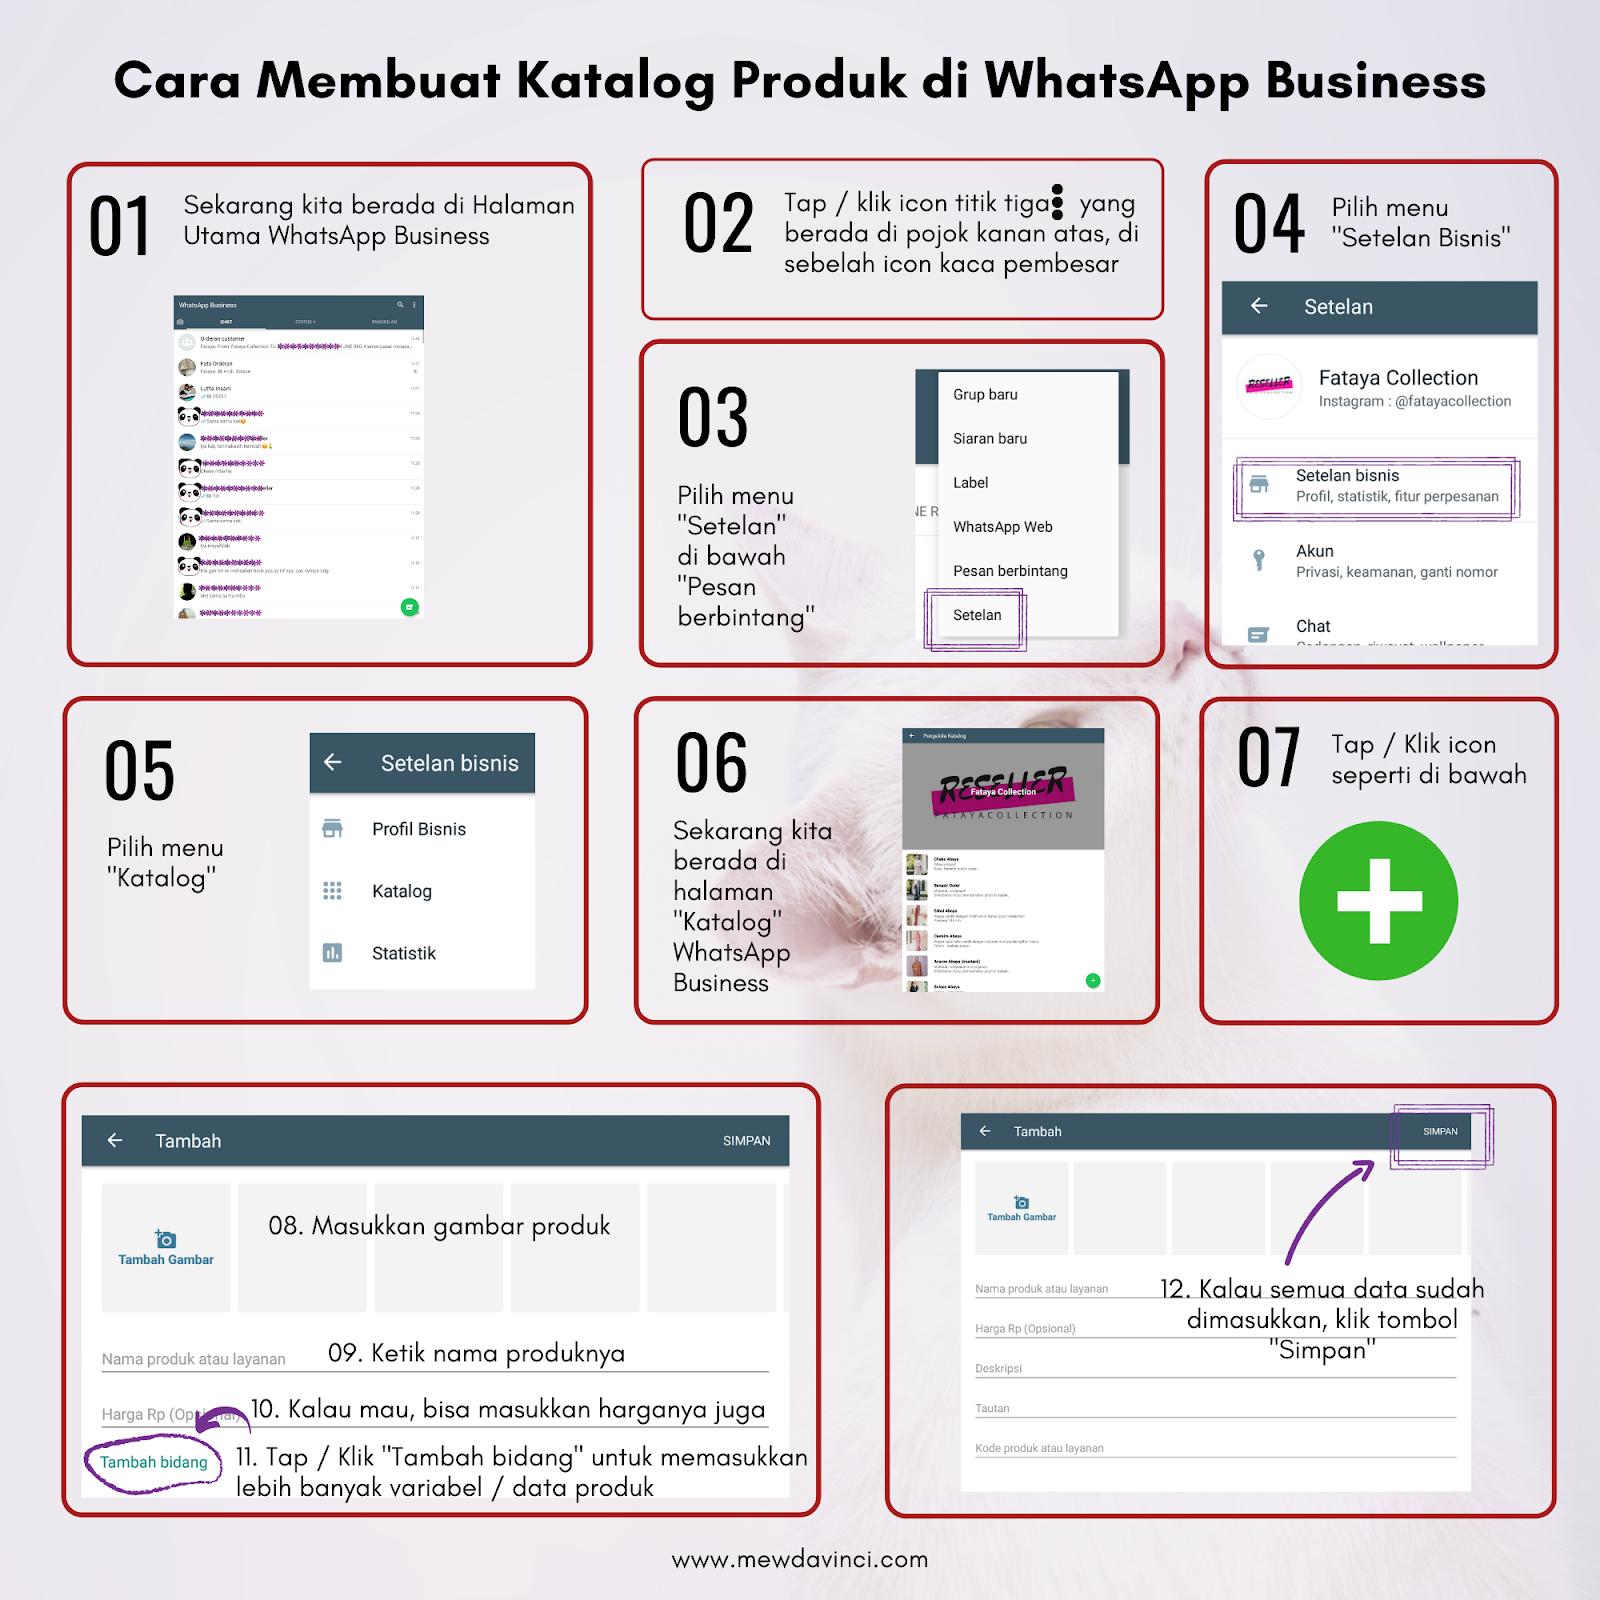 Cara membuat katalog produk di WhatsApp Business